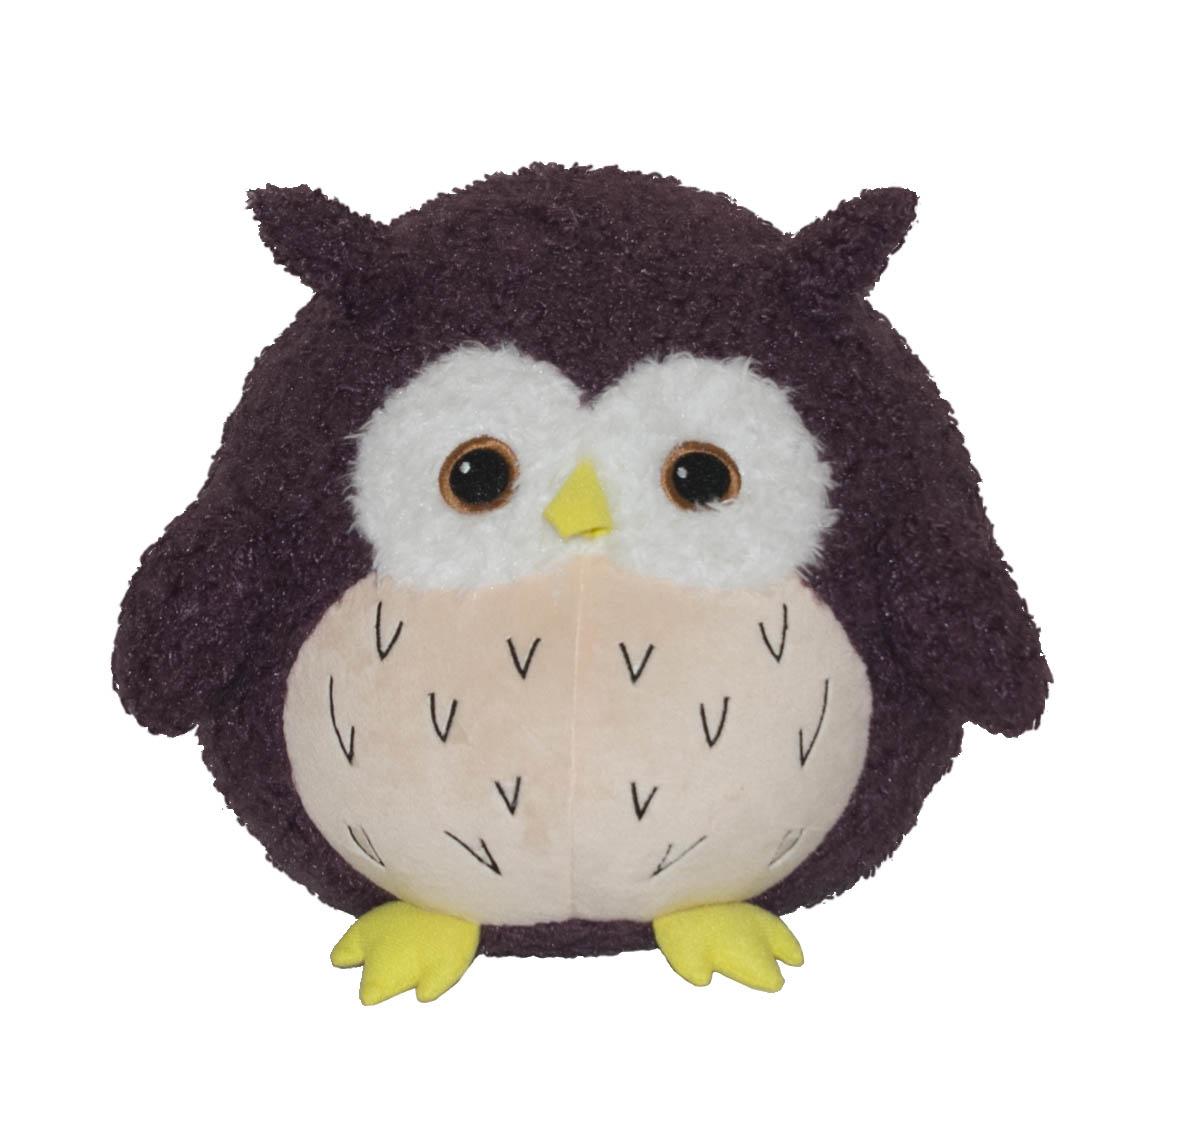 Мягкая игрушка  Сова Сычик 30 см - Дикие животные, артикул: 175189